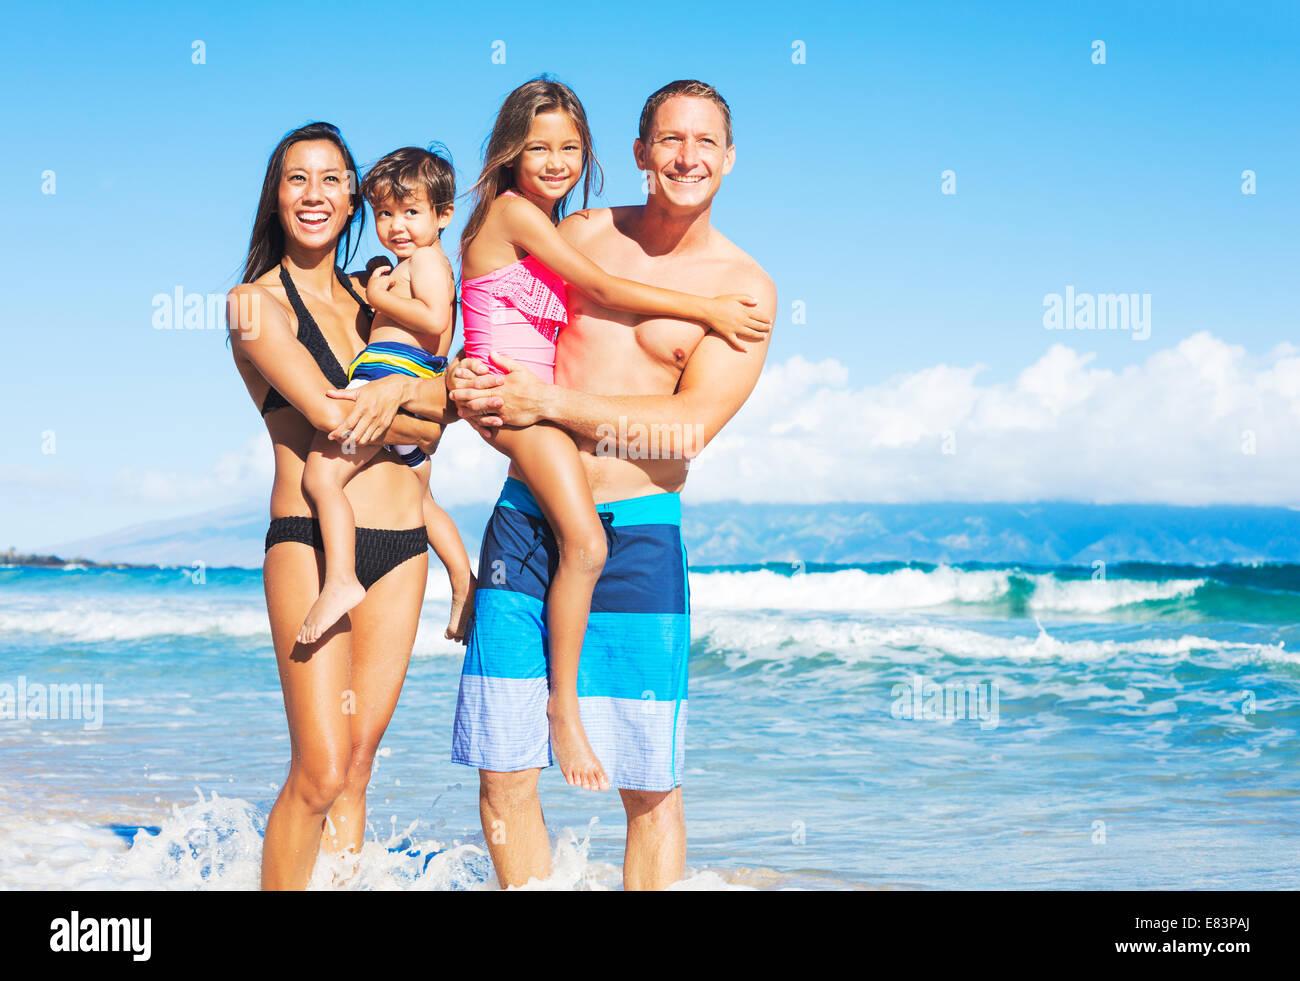 Happy Mixed Race Famille de quatre sur Sunny Beach Tropical Photo Stock